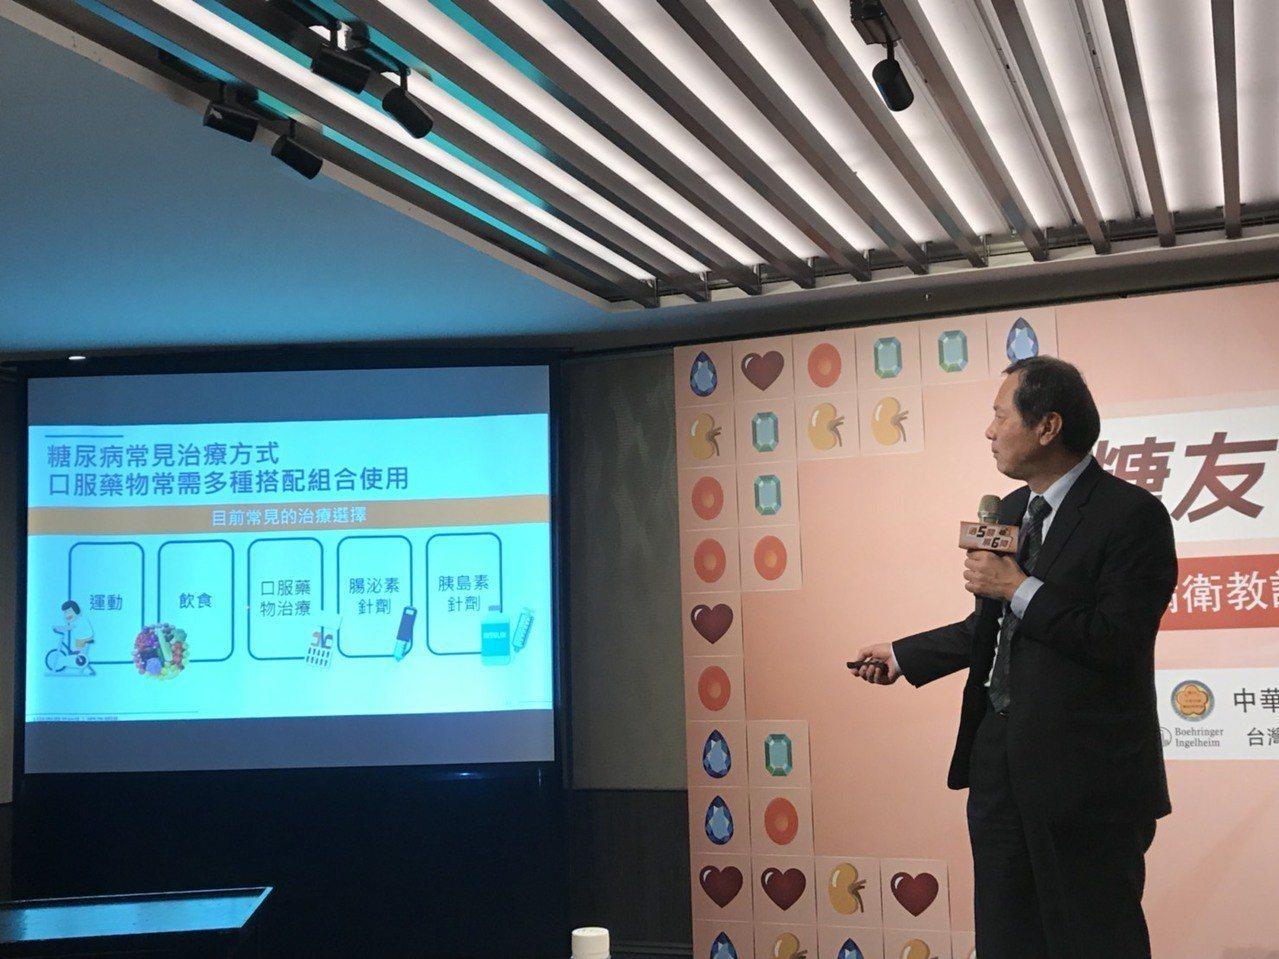 中華民國糖尿病學會理事長許惠恒,建議糖尿病友可與醫師討論是否適用複方型藥物,重視...